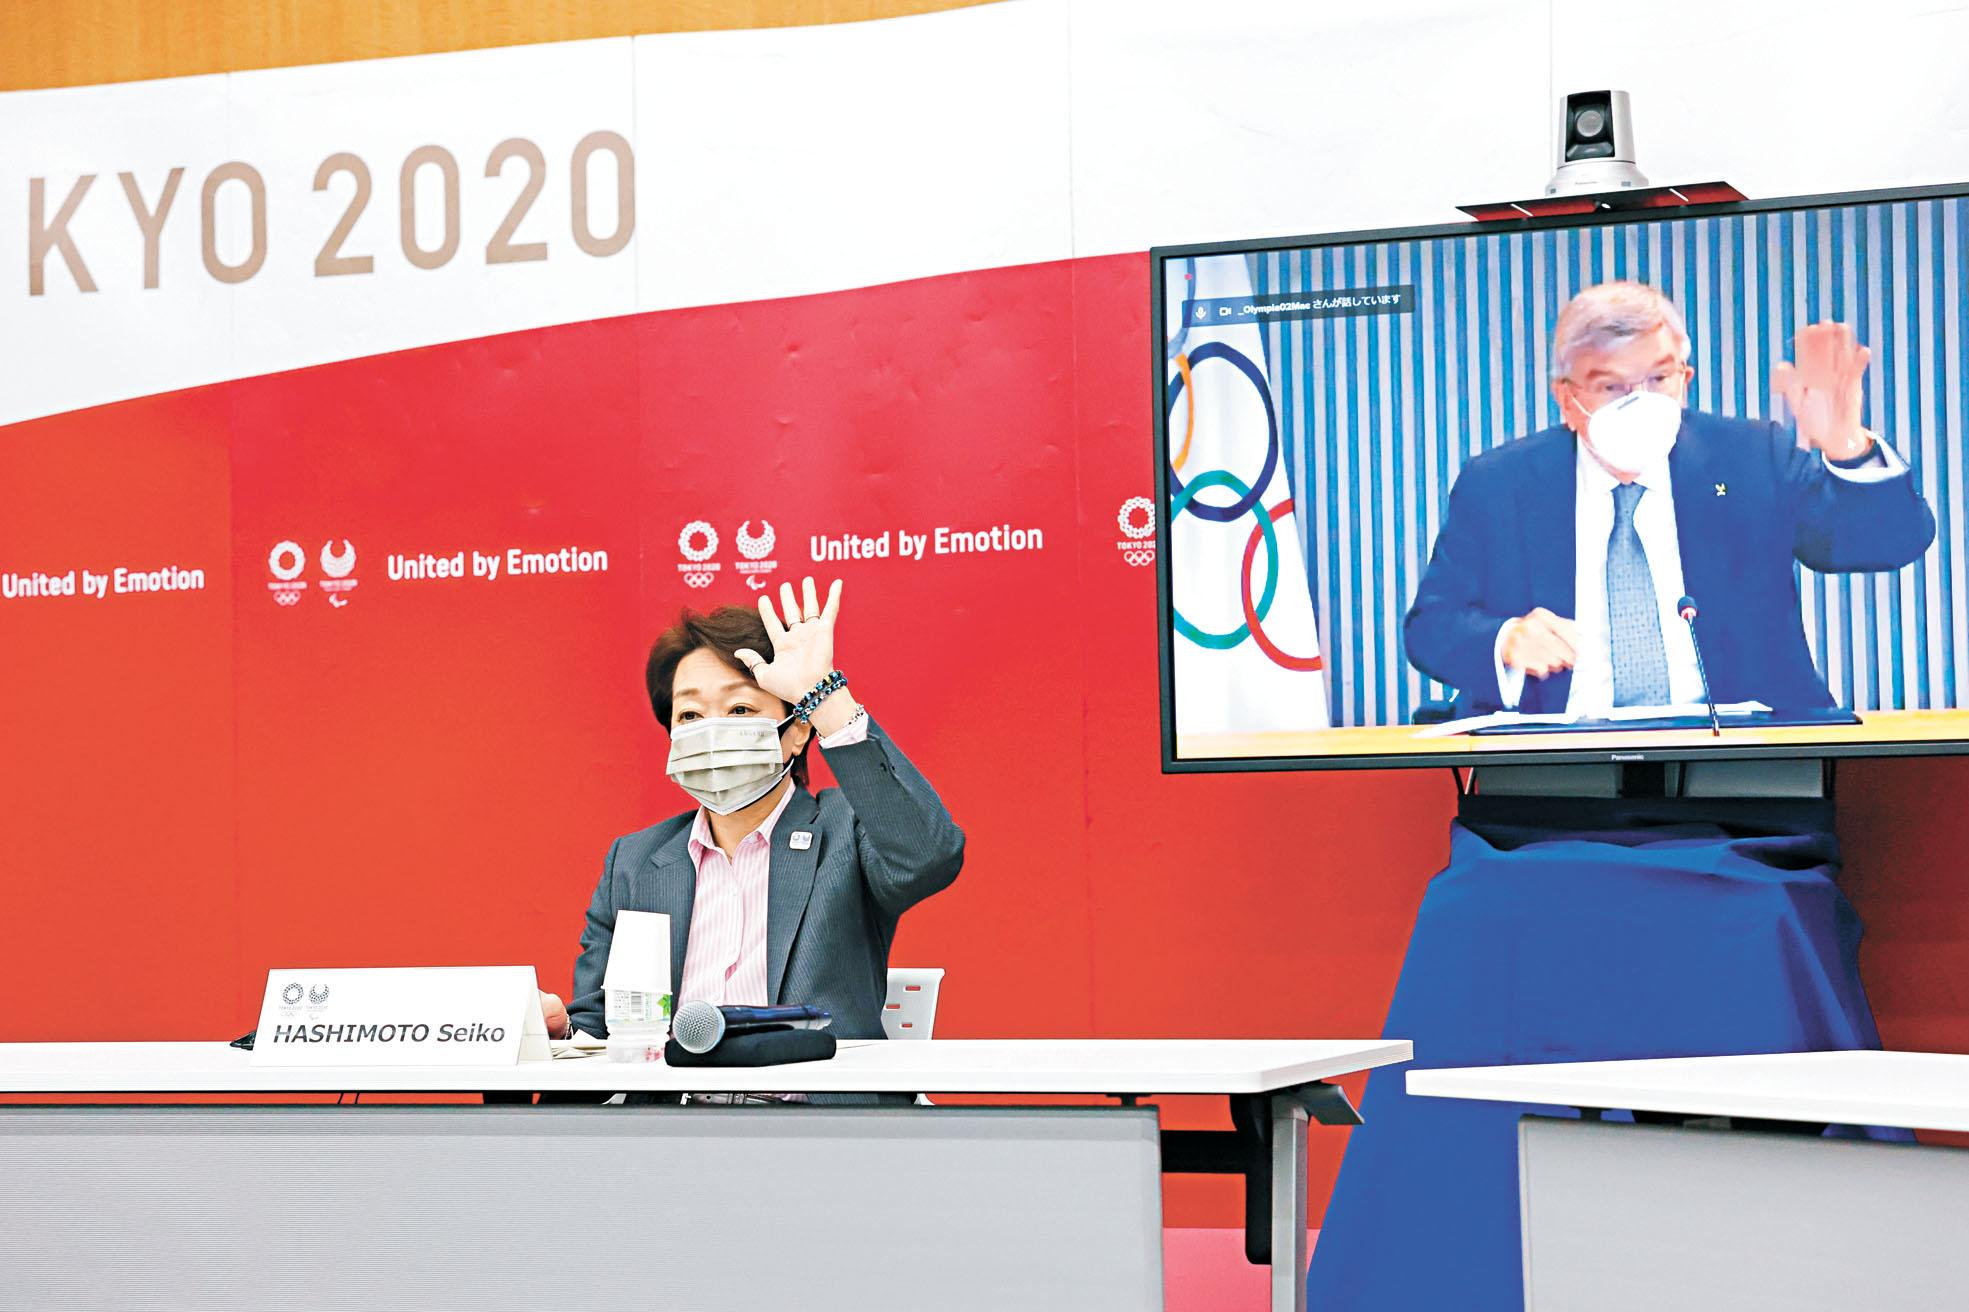 國際奧委會與日本政府等單位21日舉行東奧五方會談,決定開放觀眾入場觀賽,人數上限為一萬人。美聯社